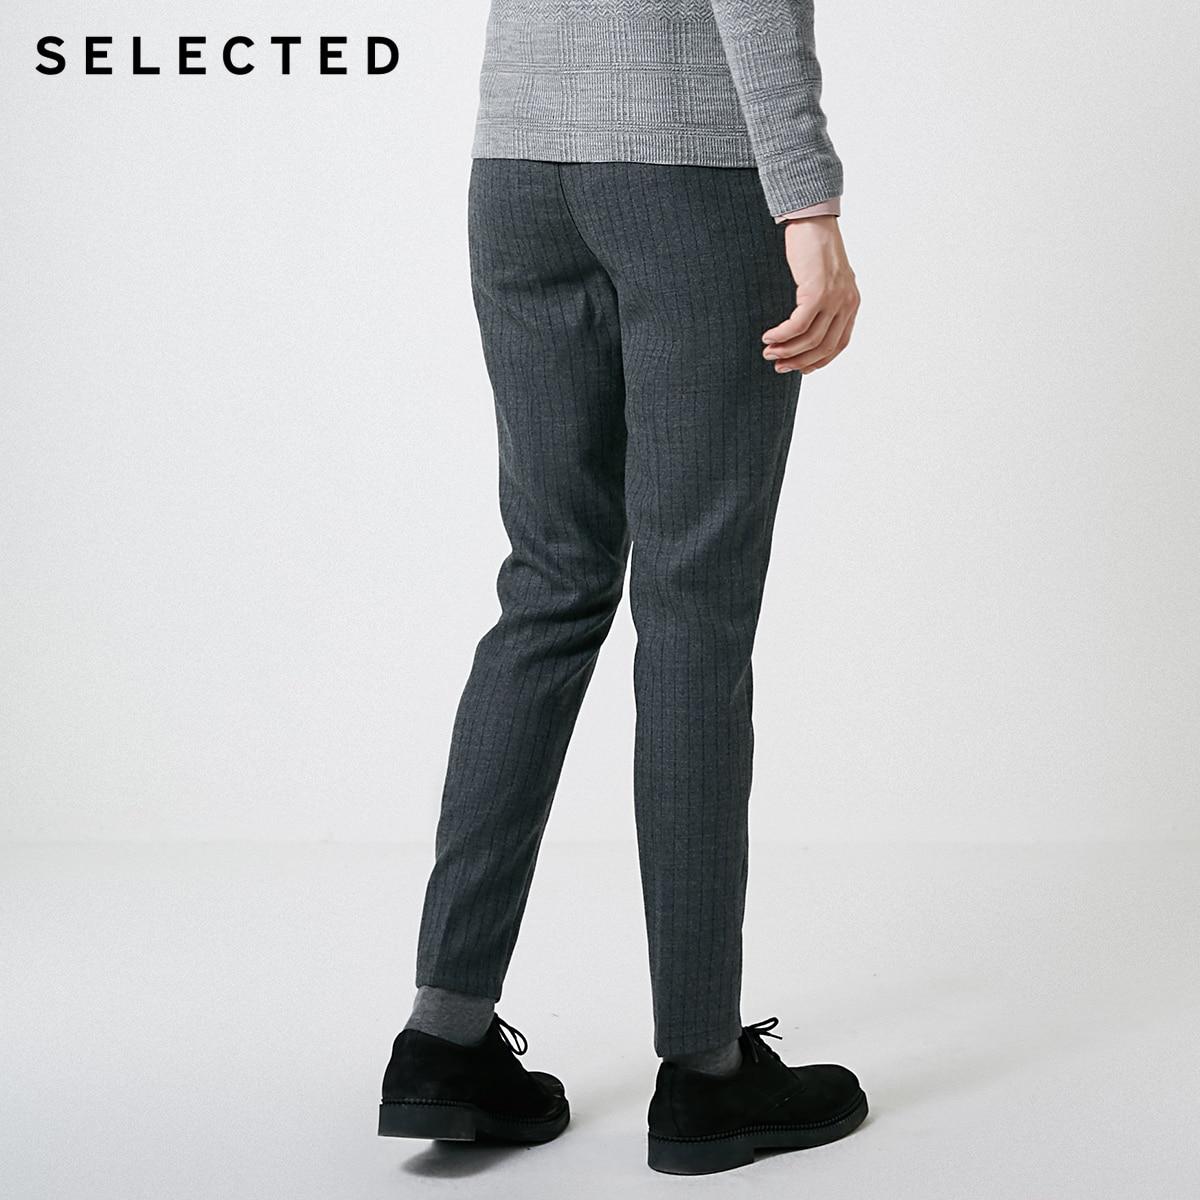 Pantalones informales elásticos a rayas de otoño e invierno para hombre seleccionados  418414523-in Pantalones pitillo from Ropa de hombre    3